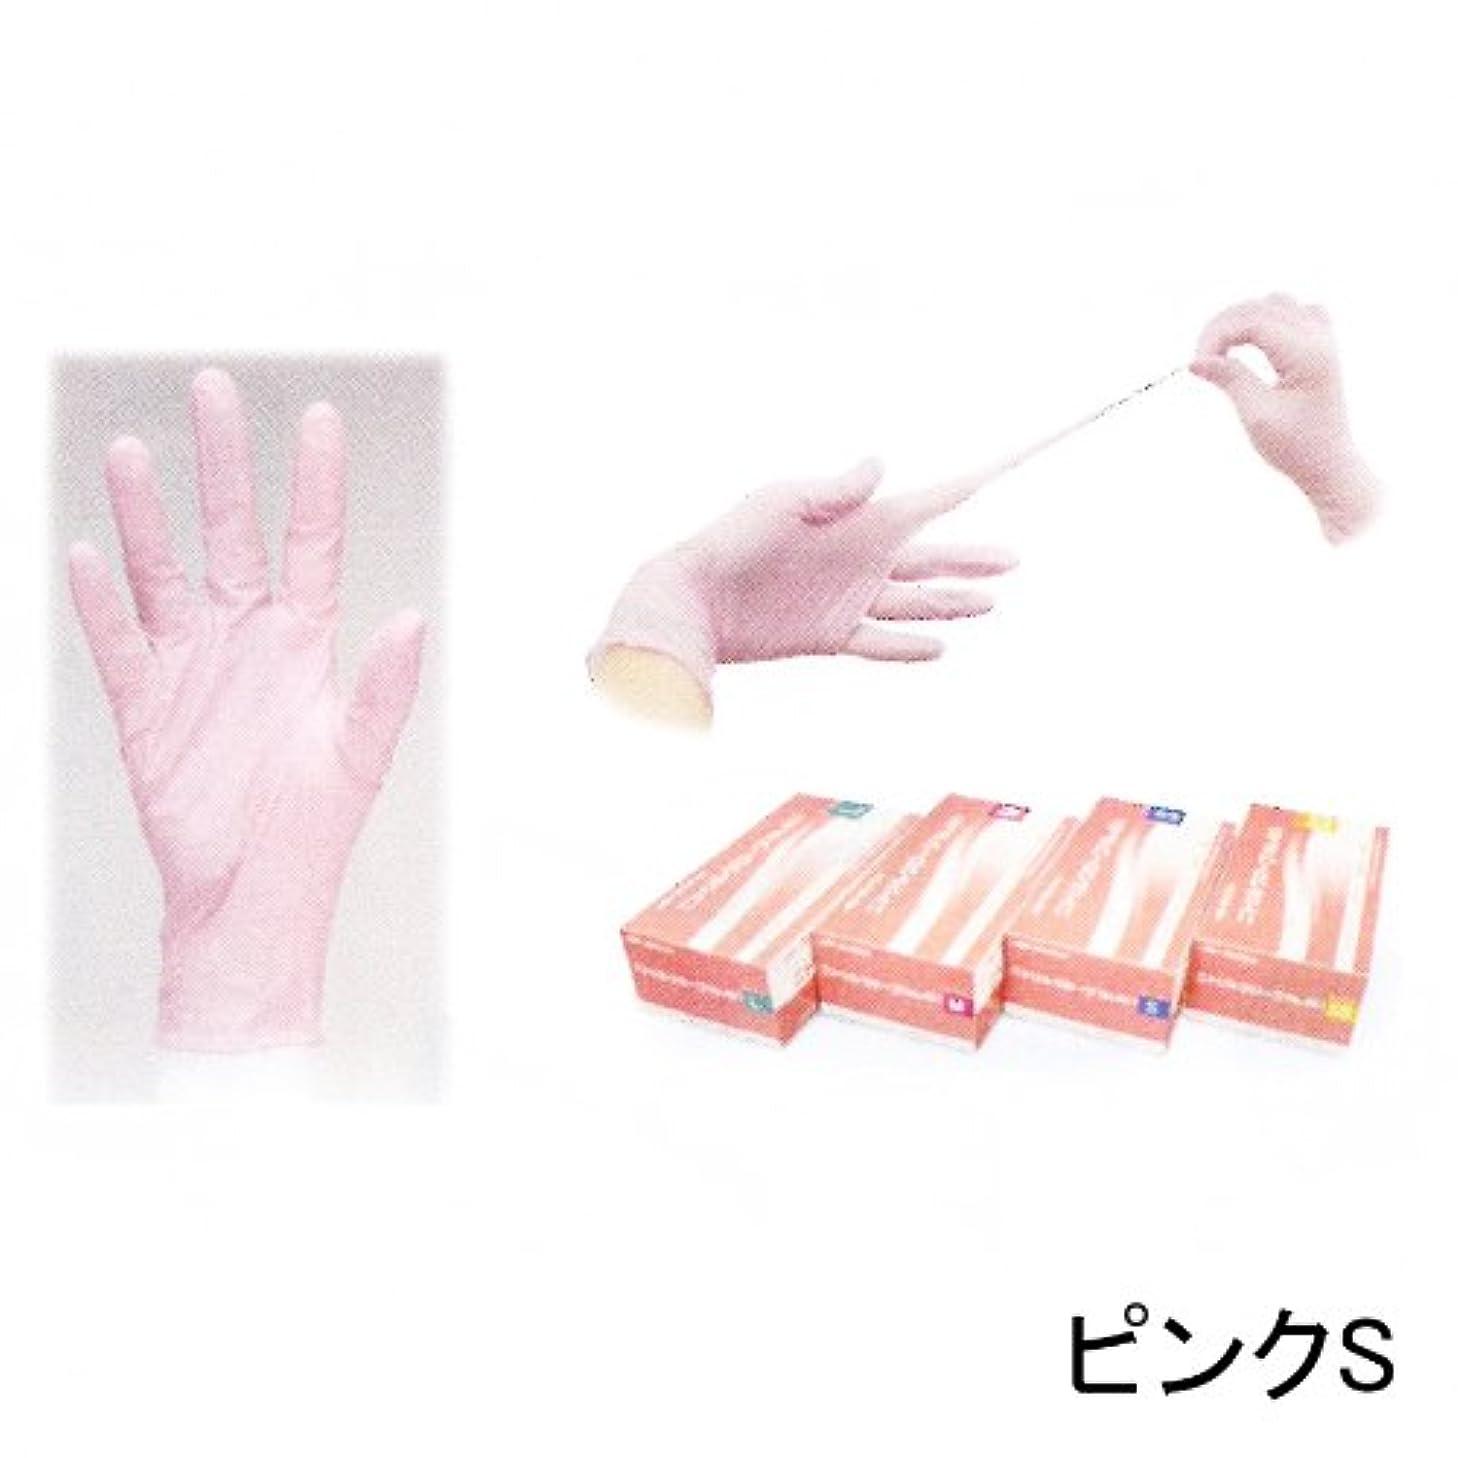 円形フィッティングパトロールニトリルグローブ(左右兼用200枚入) ピンクS